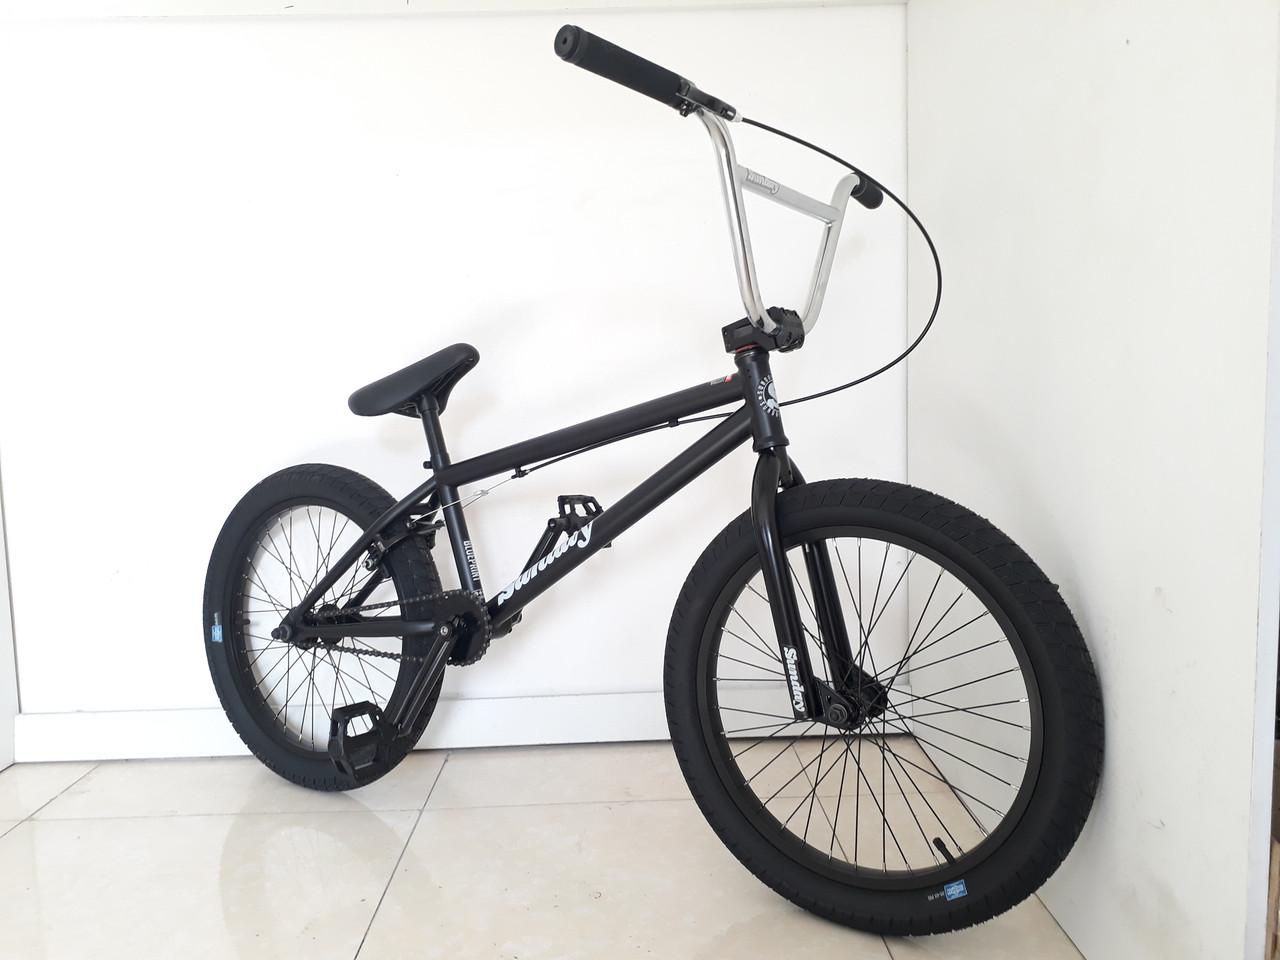 Трюковый велосипед SUNDAY Blueprint. Bmx. Гарантия на раму. Кредит